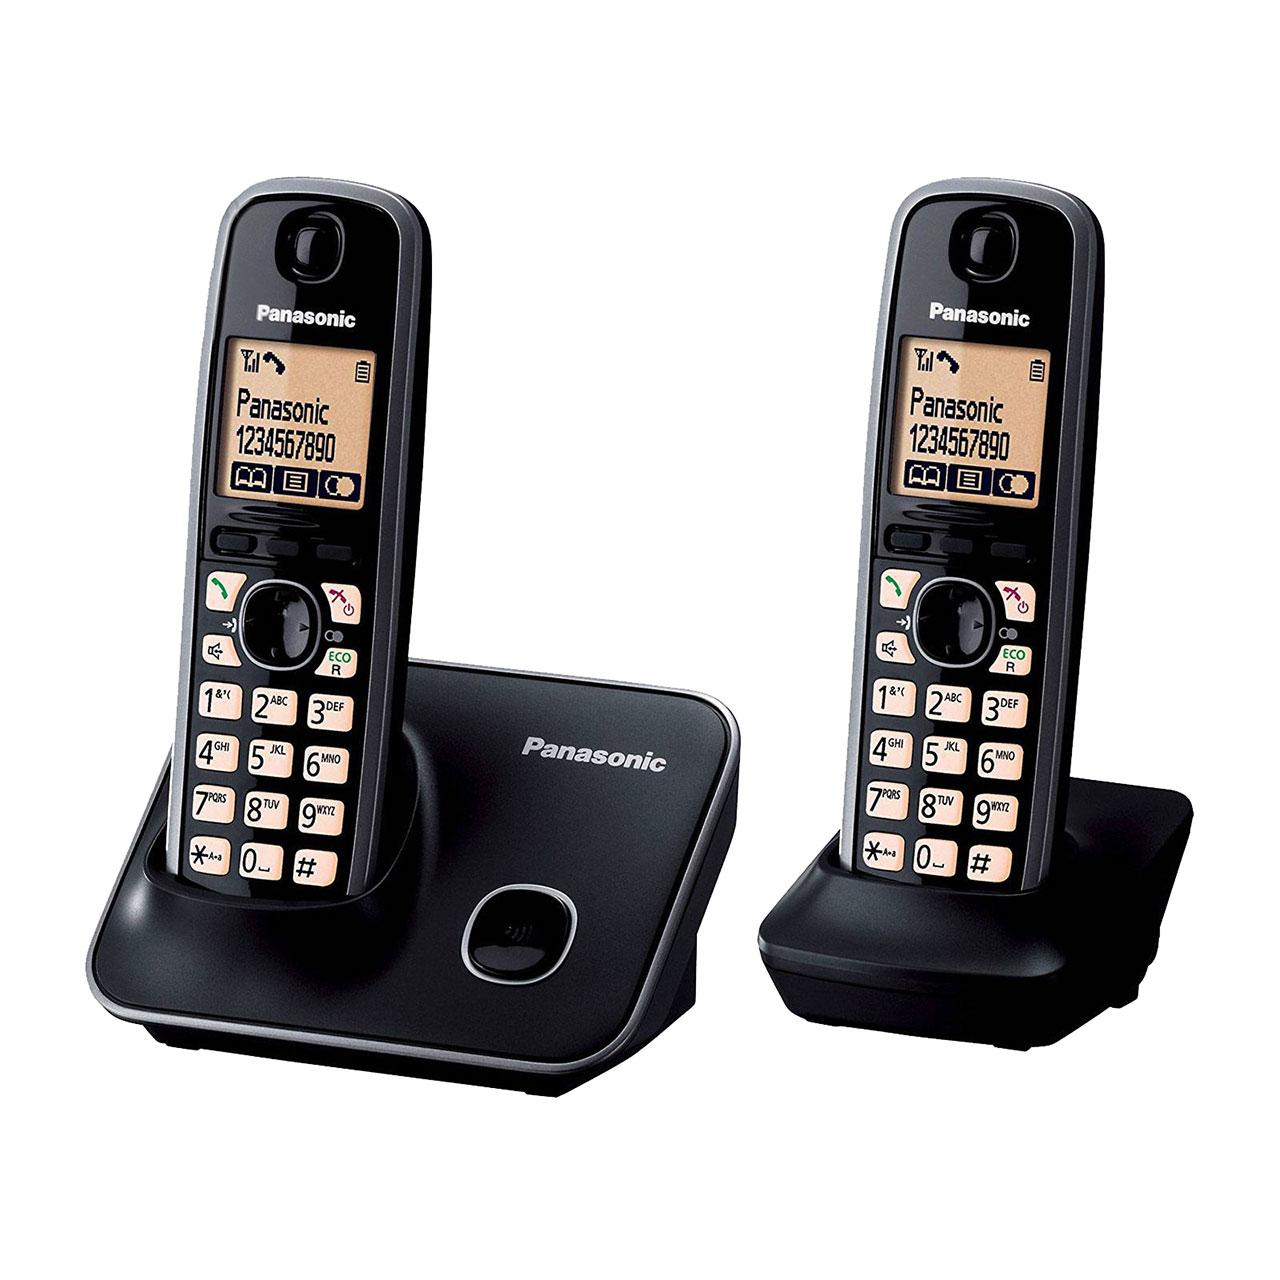 گوشی تلفن بیسیم پاناسونیک مدل Panasonic-KX-TG3712